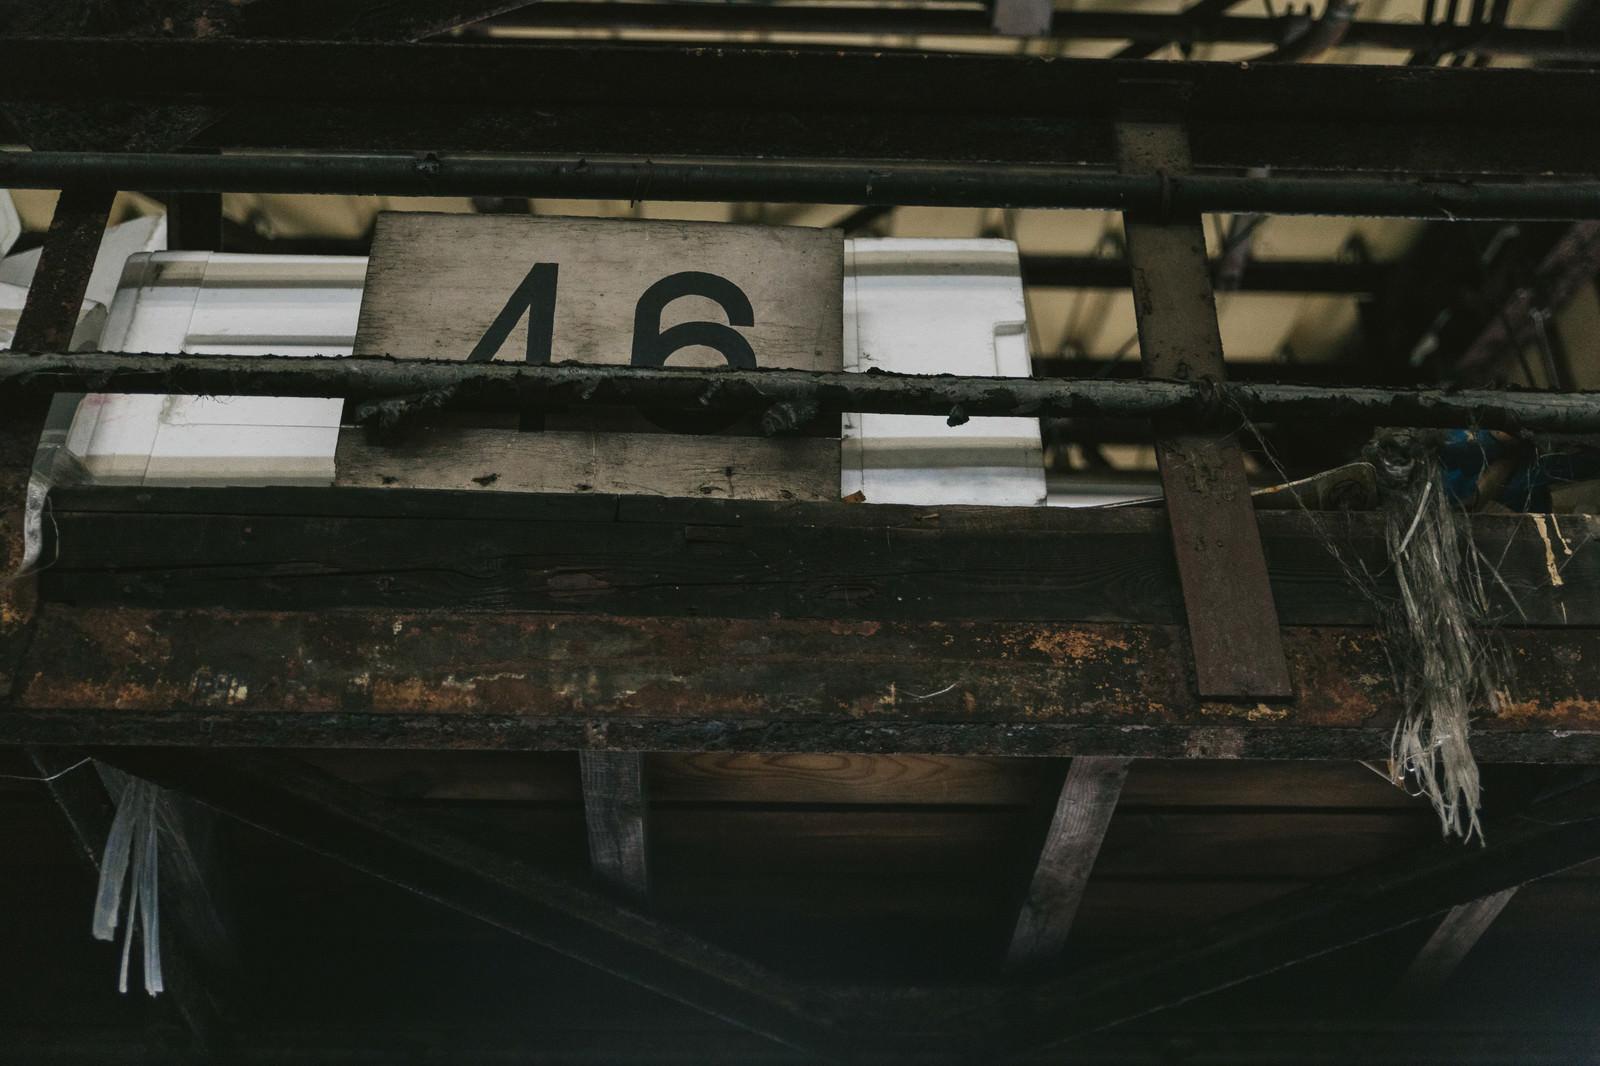 「サビて塗装が剥がれた柵」の写真